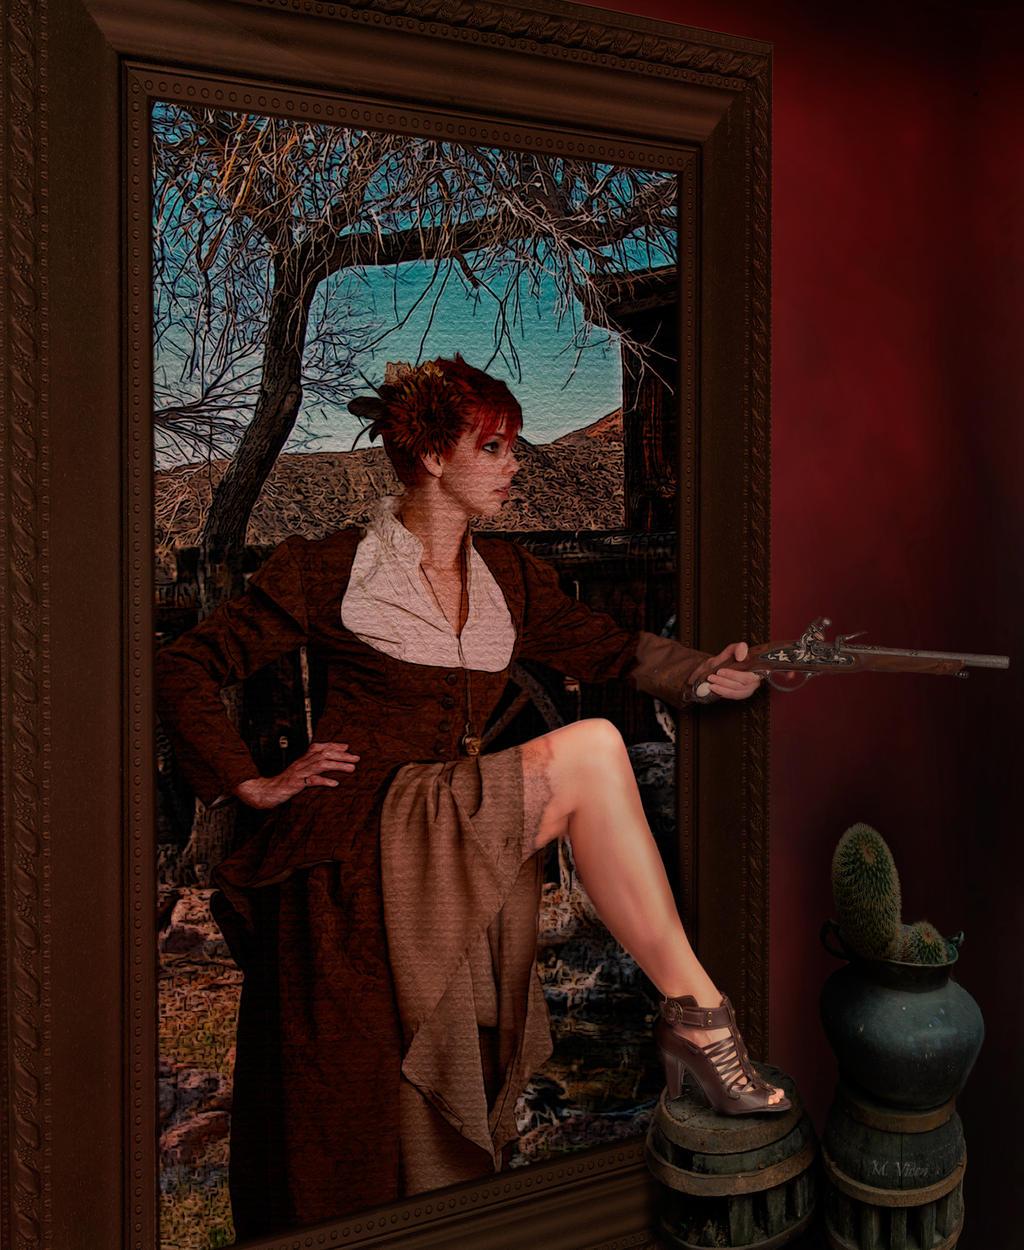 Frame bandit-La bandolera del cuadro by Mvicen